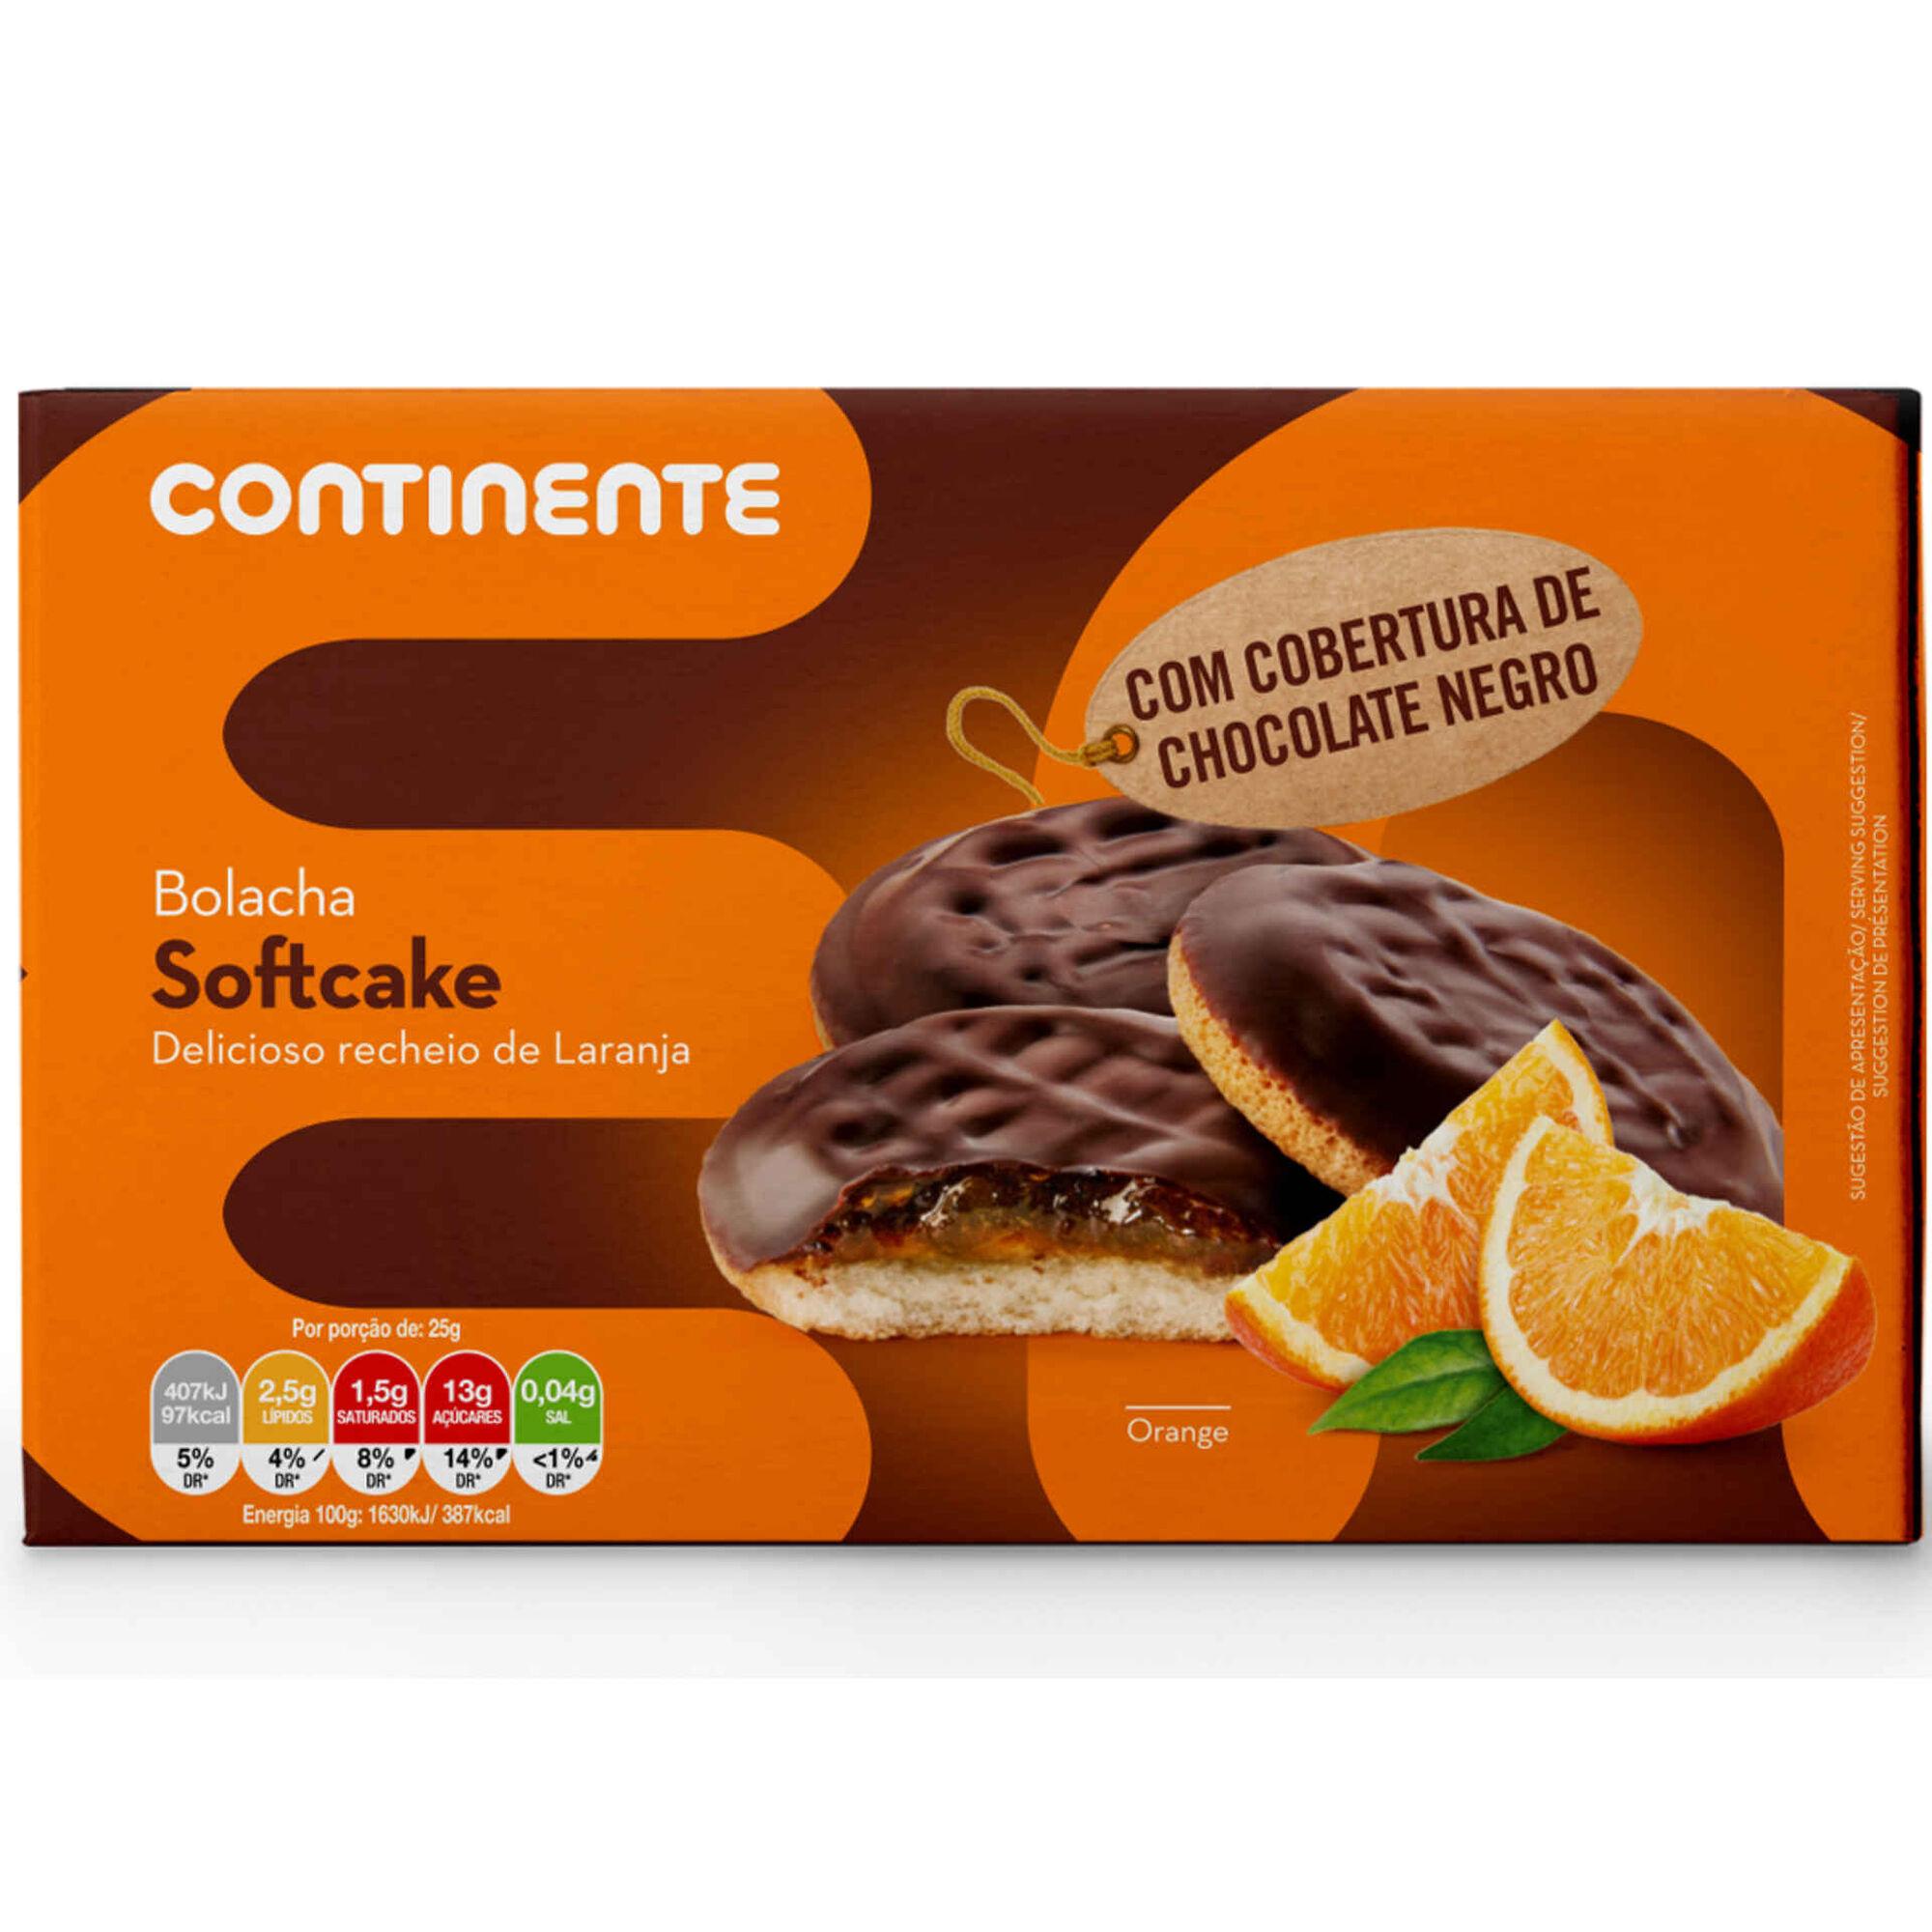 Bolachas Soft Cake de Laranja e Chocolate Negro